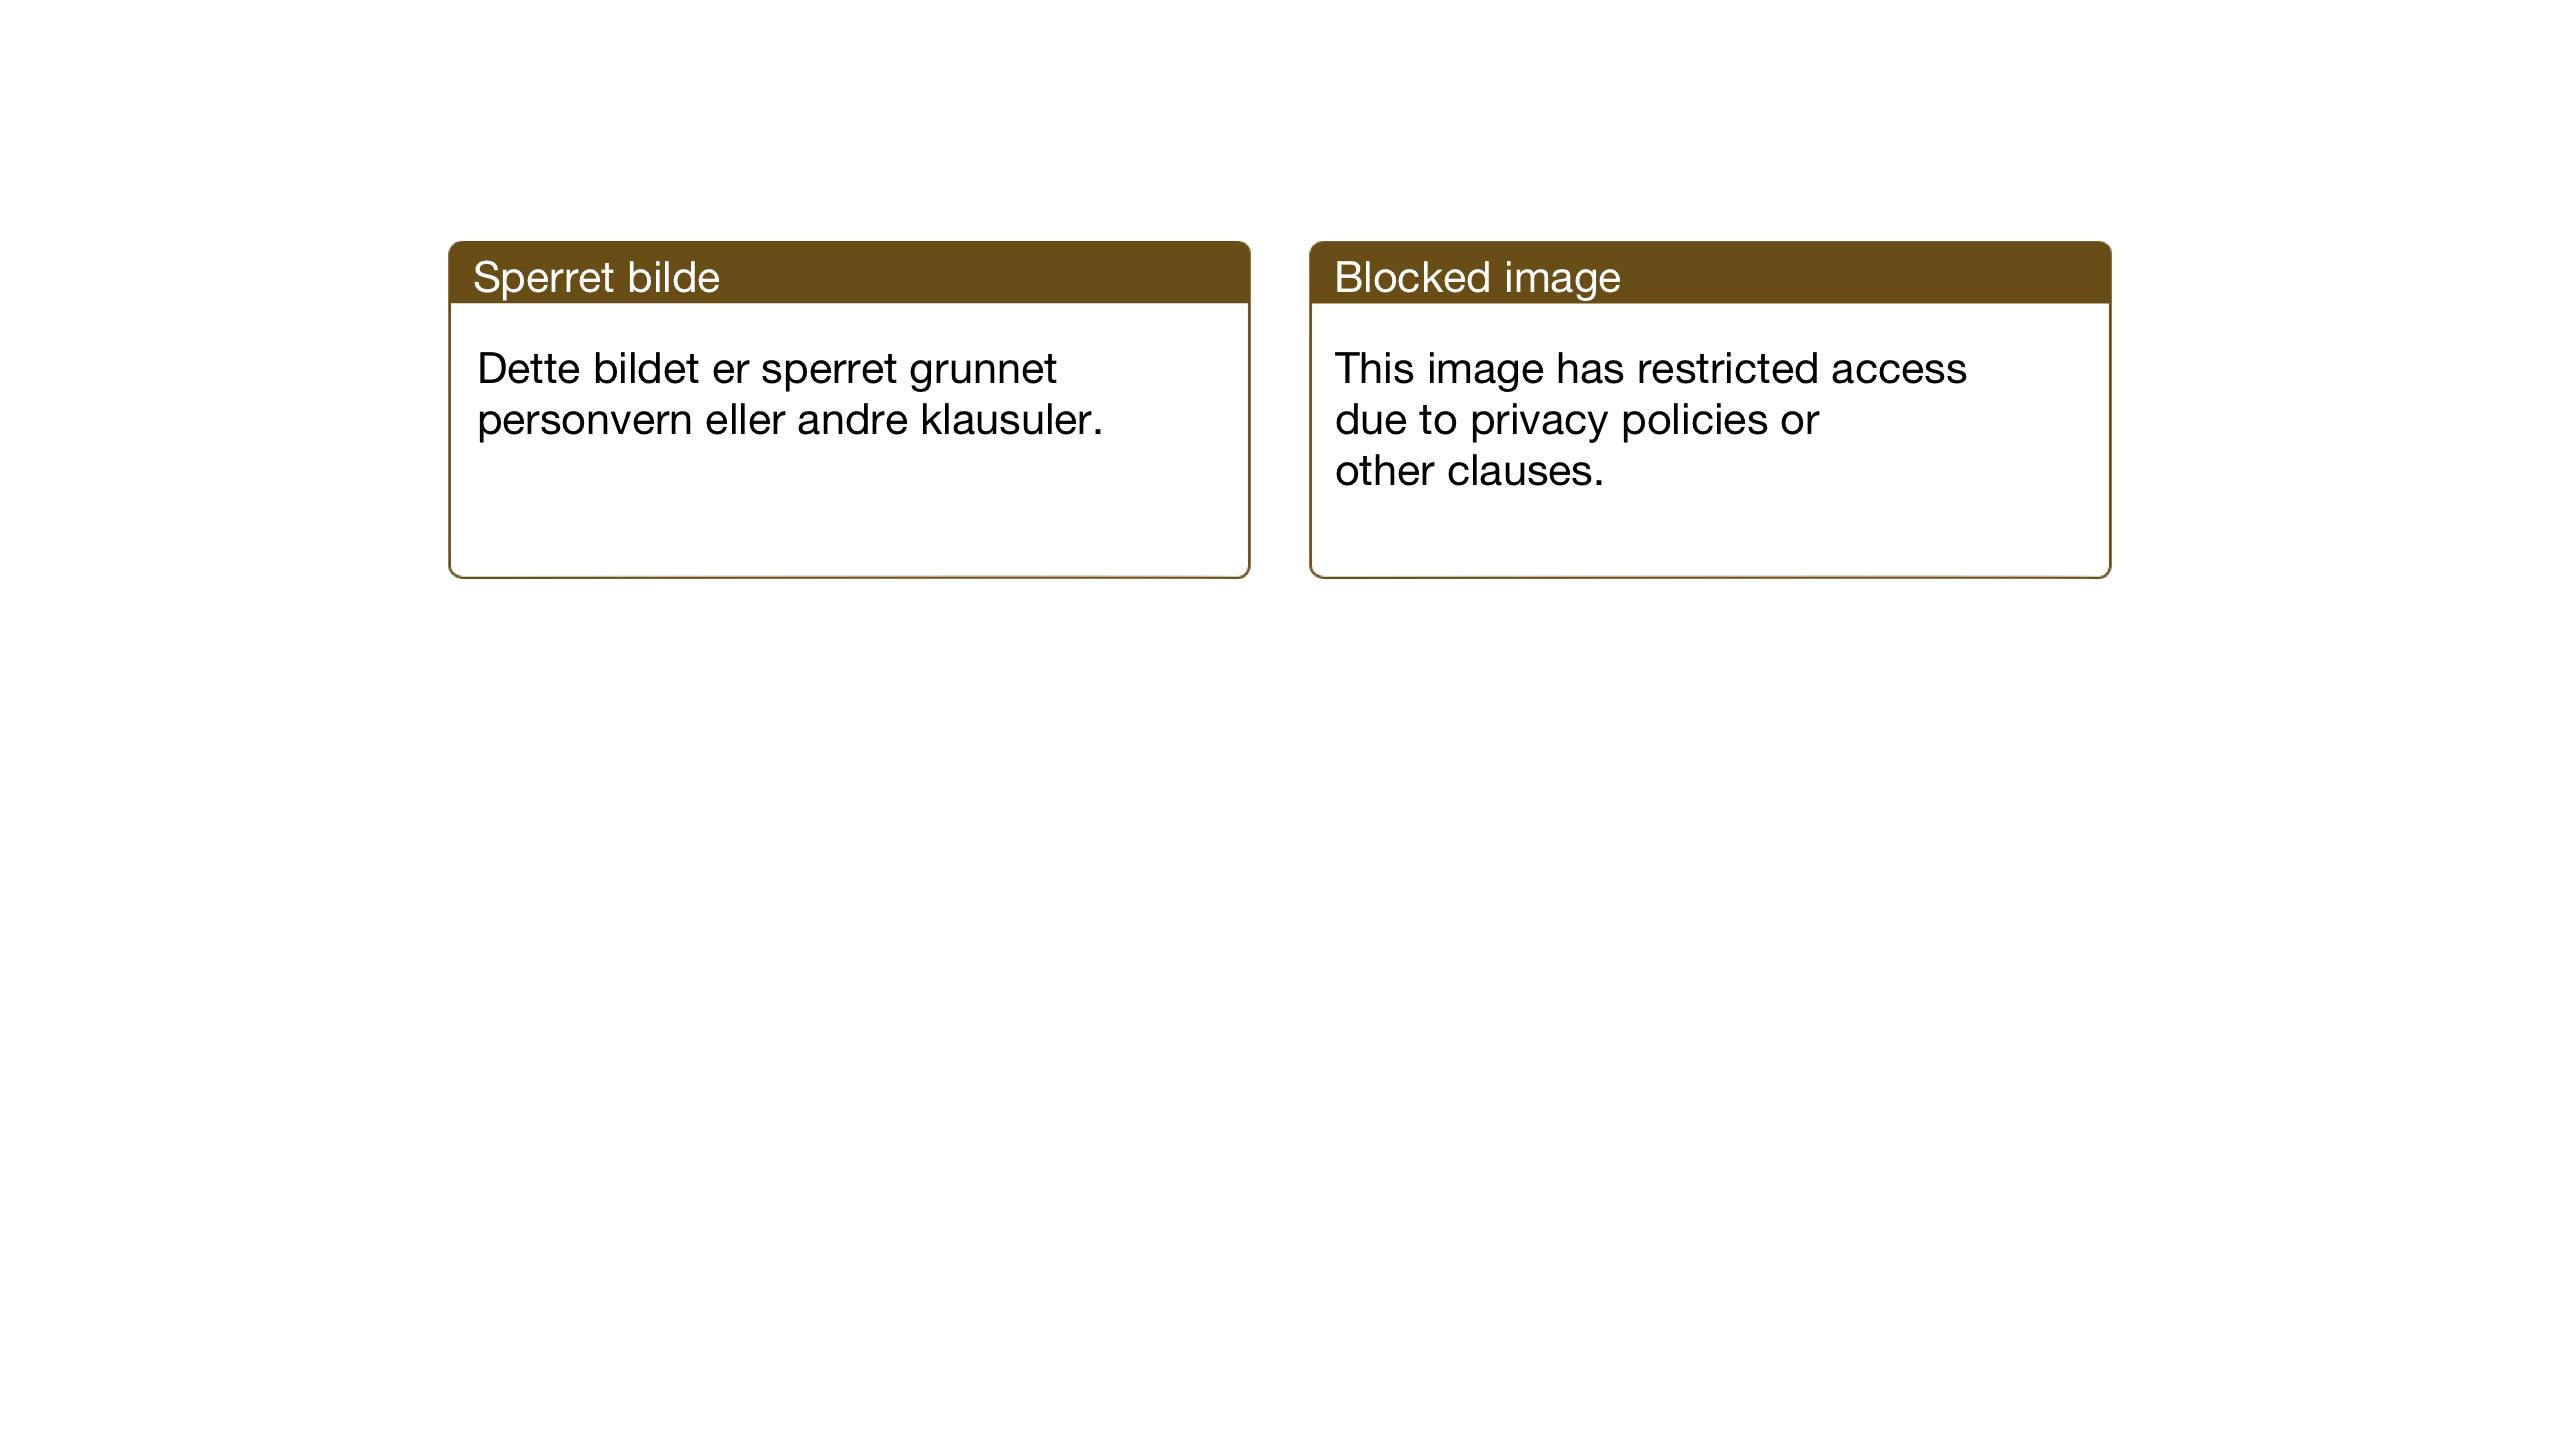 SAT, Ministerialprotokoller, klokkerbøker og fødselsregistre - Nord-Trøndelag, 739/L0377: Klokkerbok nr. 739C05, 1940-1947, s. 8